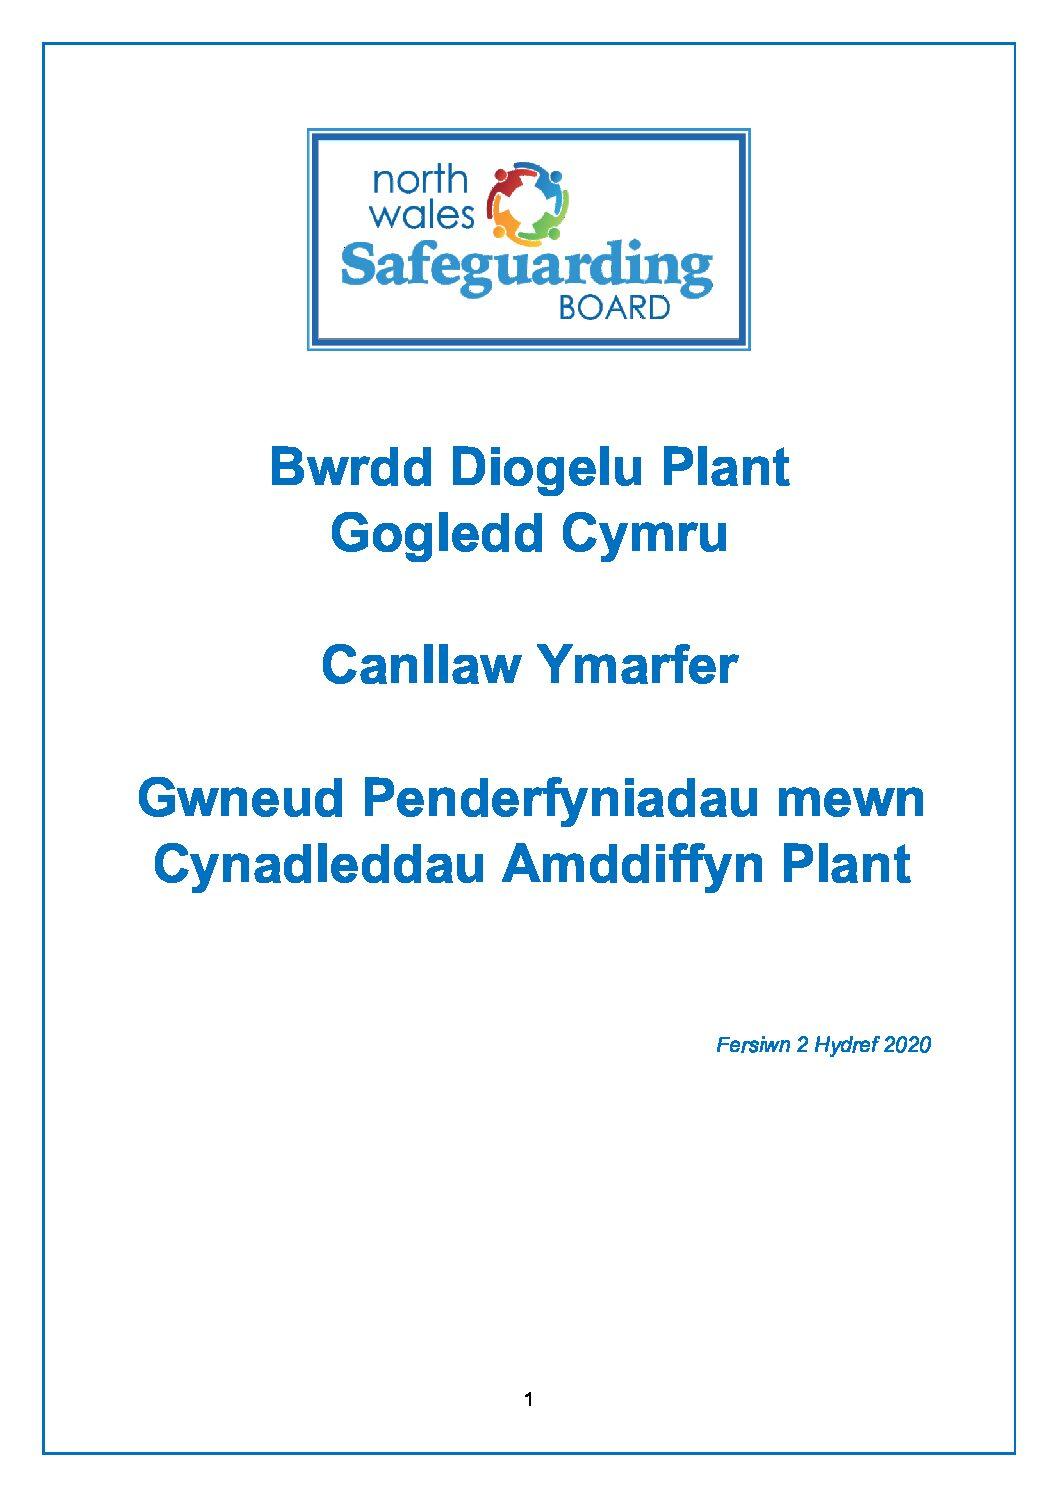 Gogledd Cymru Canllaw Ymarfer Gwneud Penderfyniadau mewn Cynadleddau Amddiffyn Plant